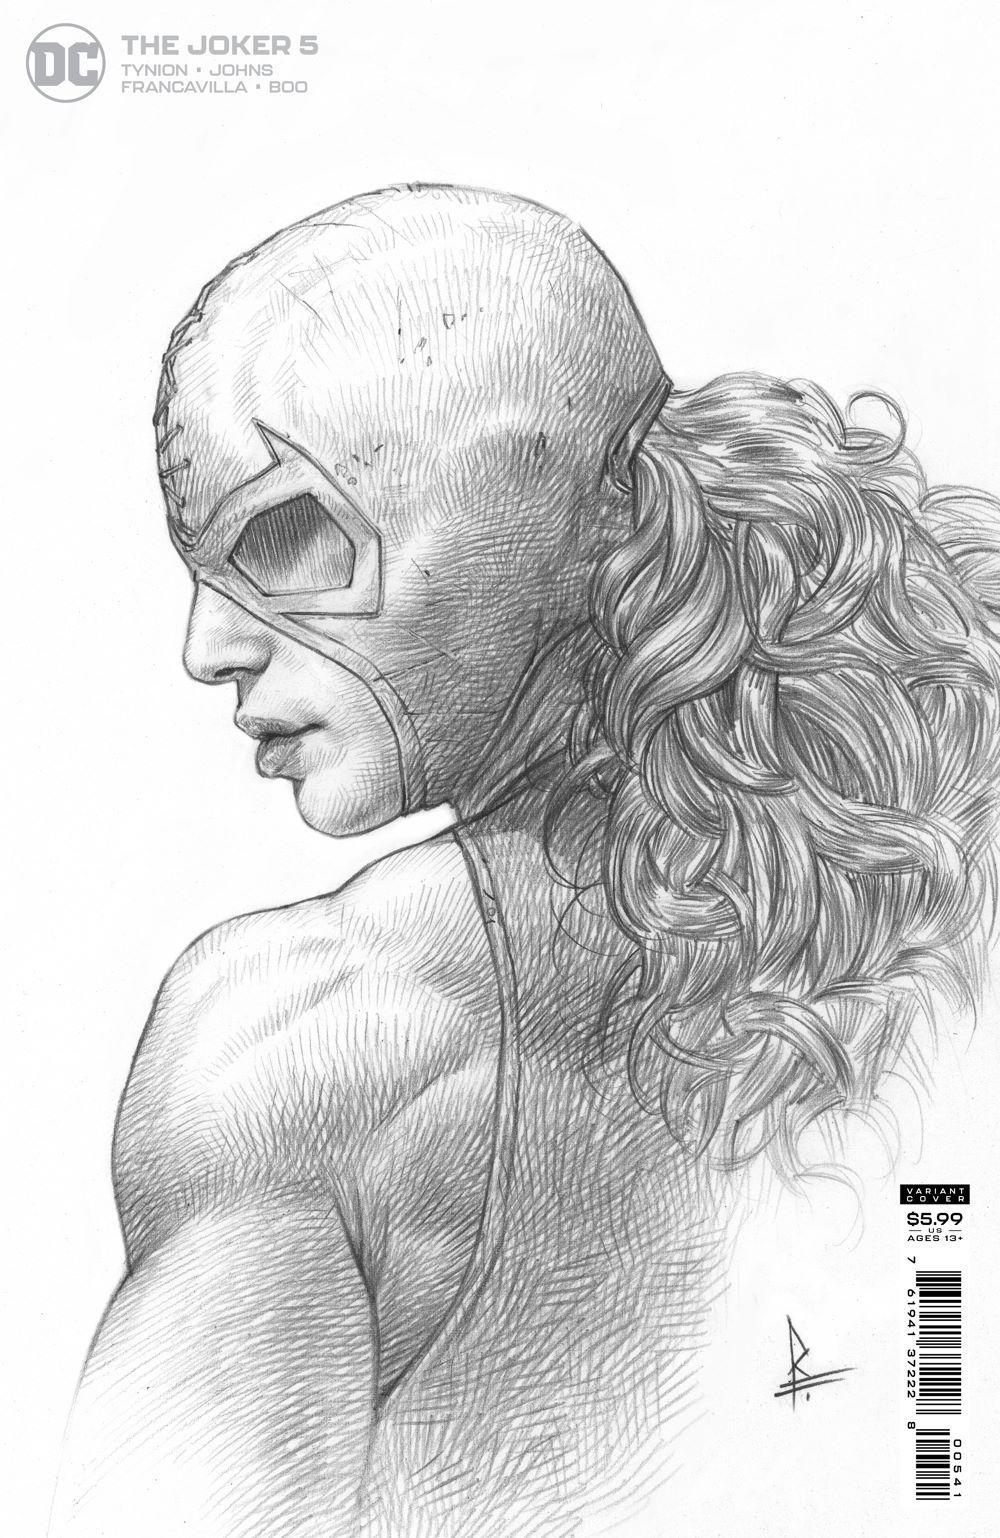 THEJOKER_Cv5_1in25_var DC Comics July 2021 Solicitations